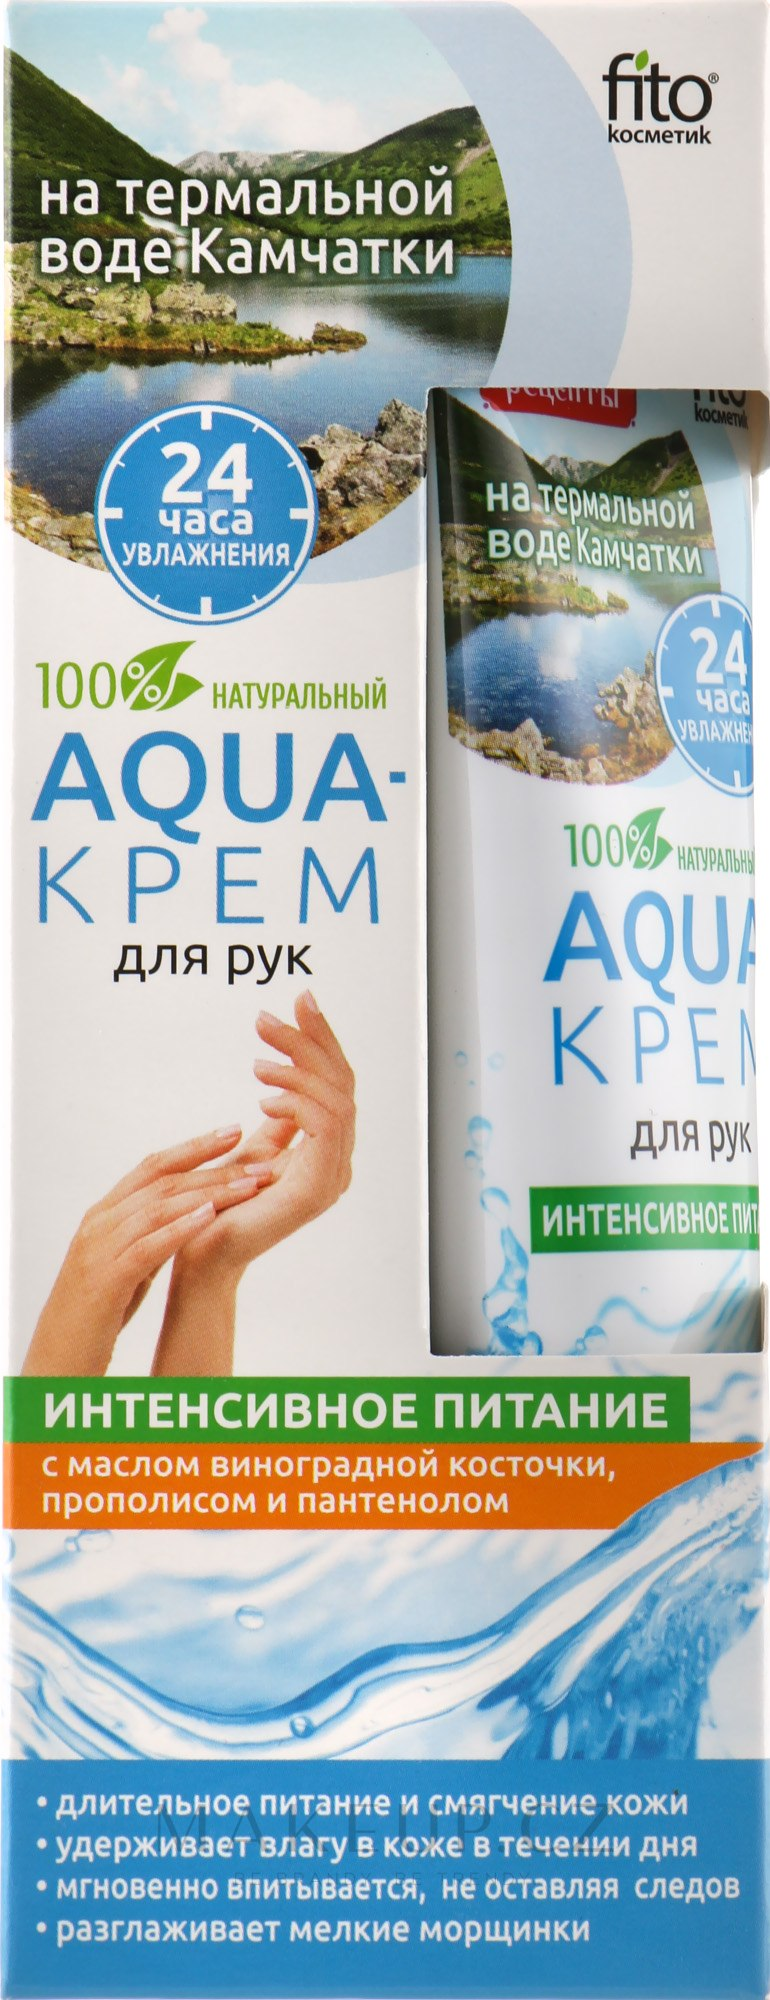 """Krém Aqua pro ruce na termální vodě Kamčatka """"Intenzivní výživa"""" - Fito Kosmetik  — foto 45 ml"""